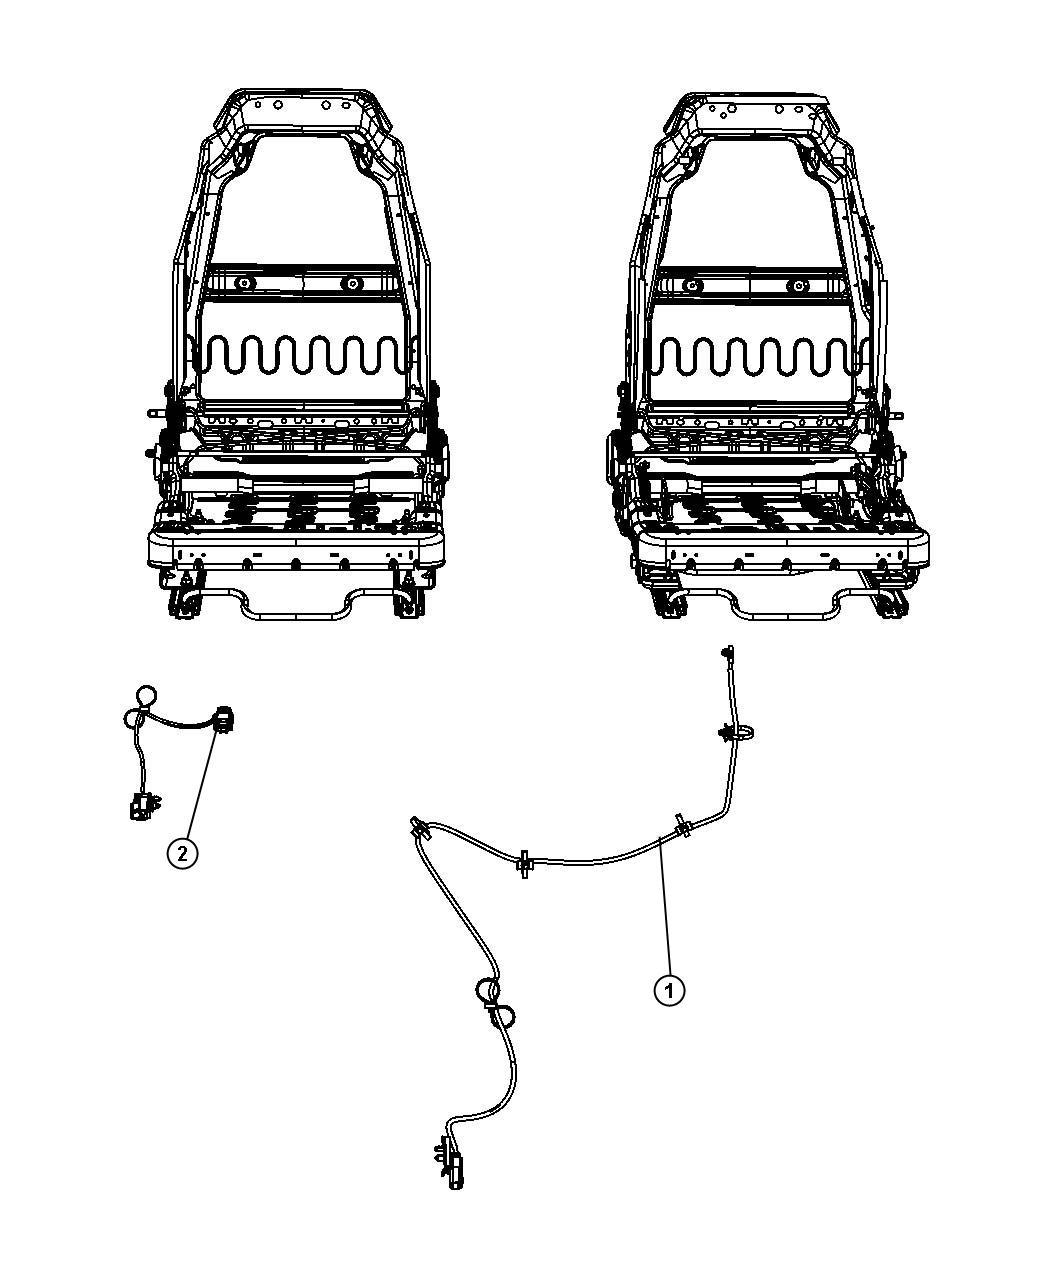 Jk Seat Upgrade Wiring Sensors Etc